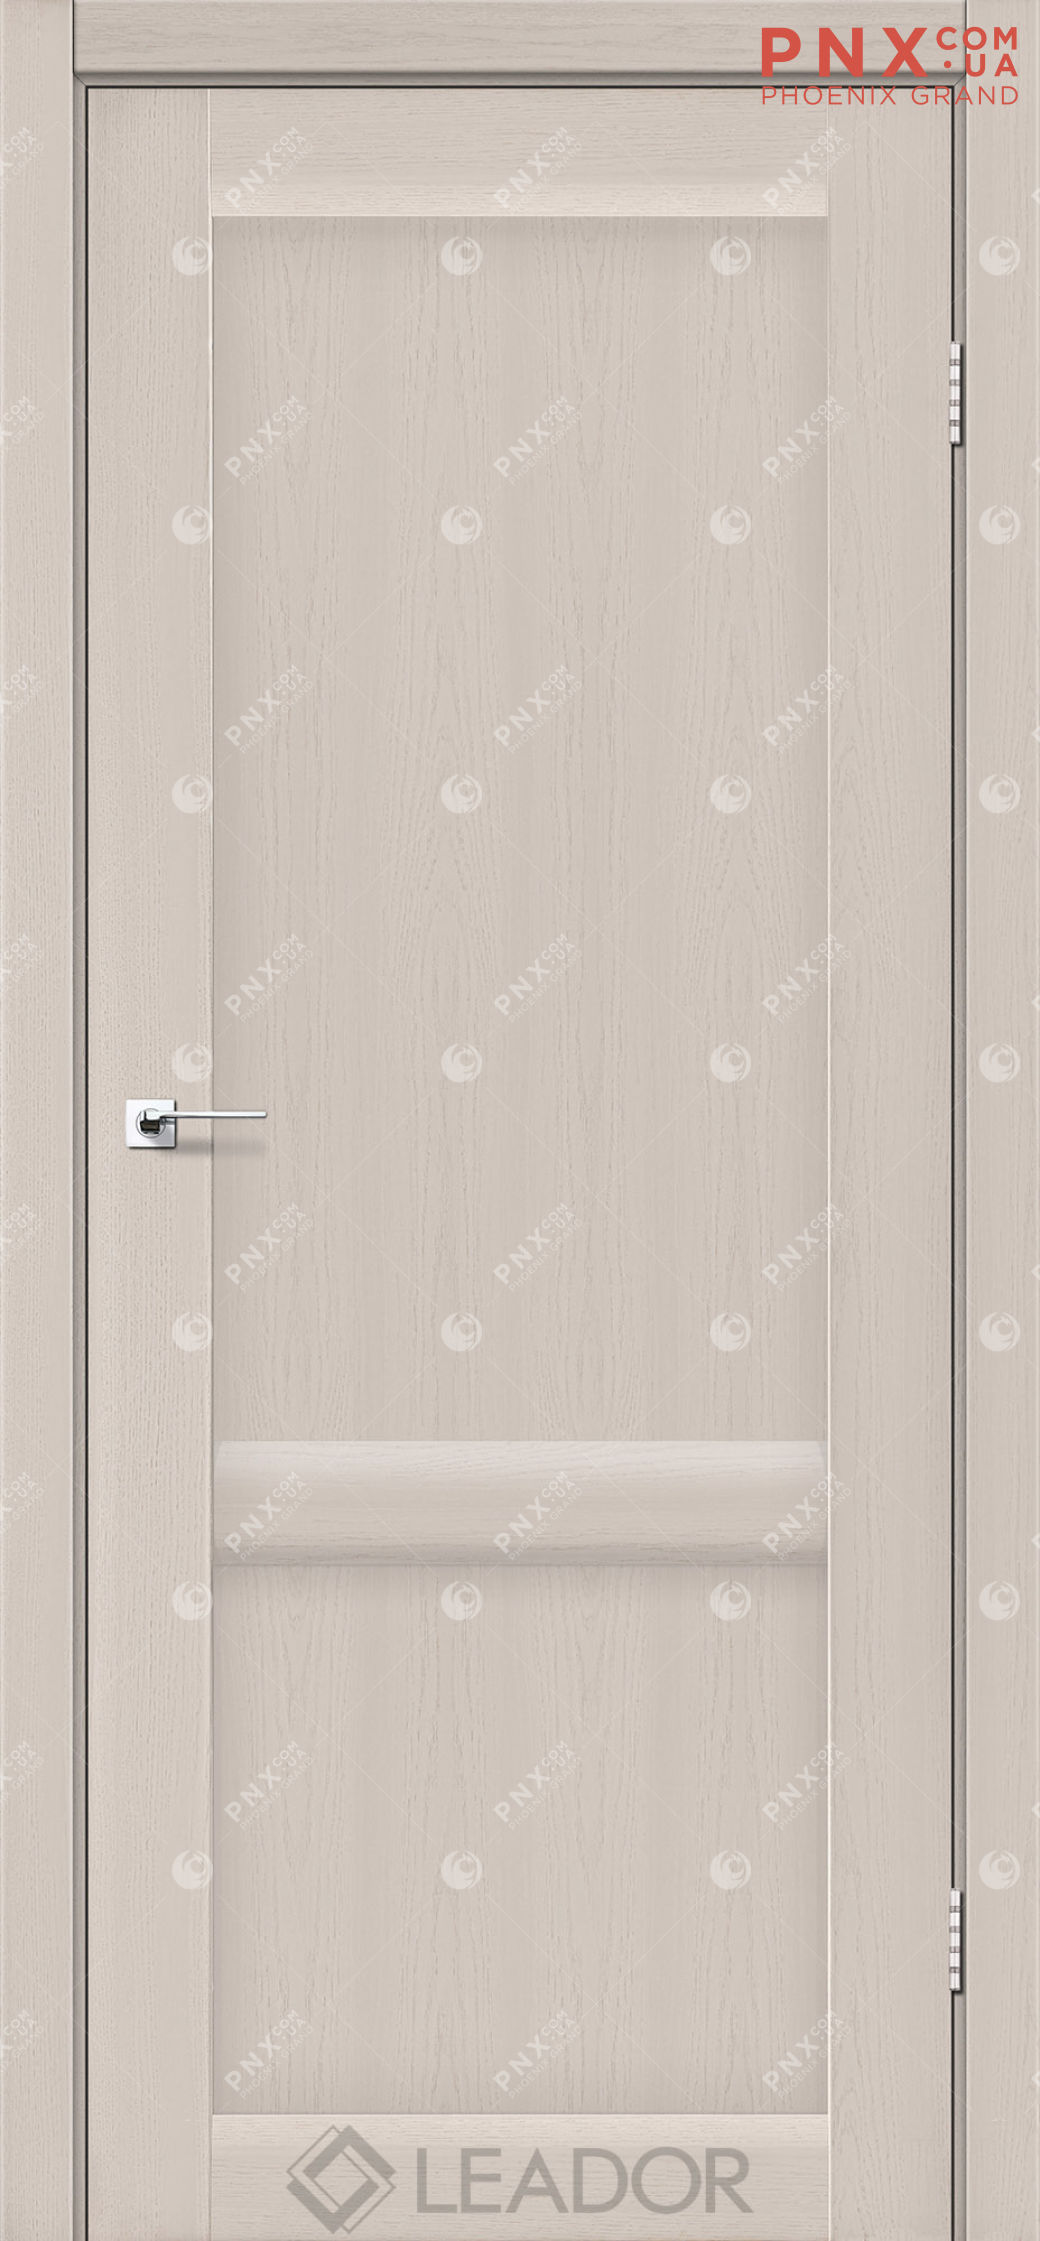 Межкомнатная дверь LEADOR Laura-LR-02, Дуб Латте, Глухое